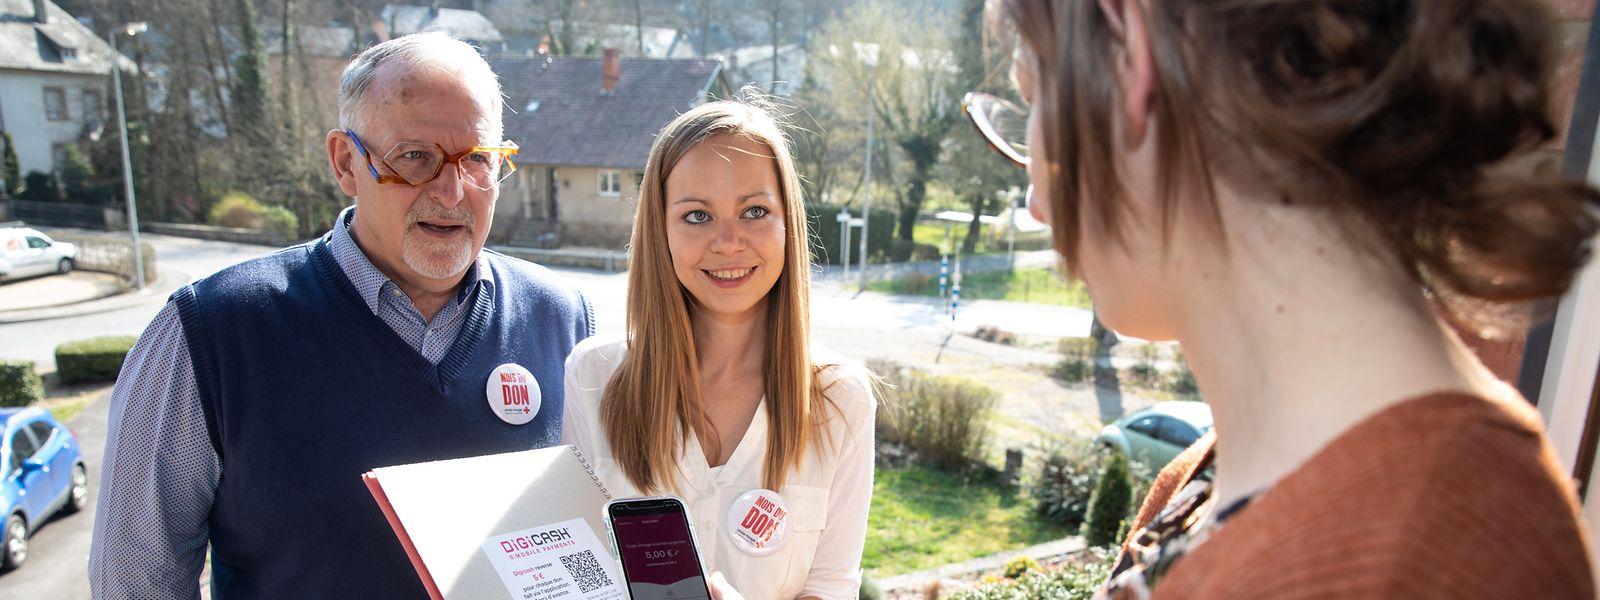 Nico Dhamen (l.) und Anne Gruber sind ehrenamtliche Spendensammler des Luxemburger Roten Kreuzes.